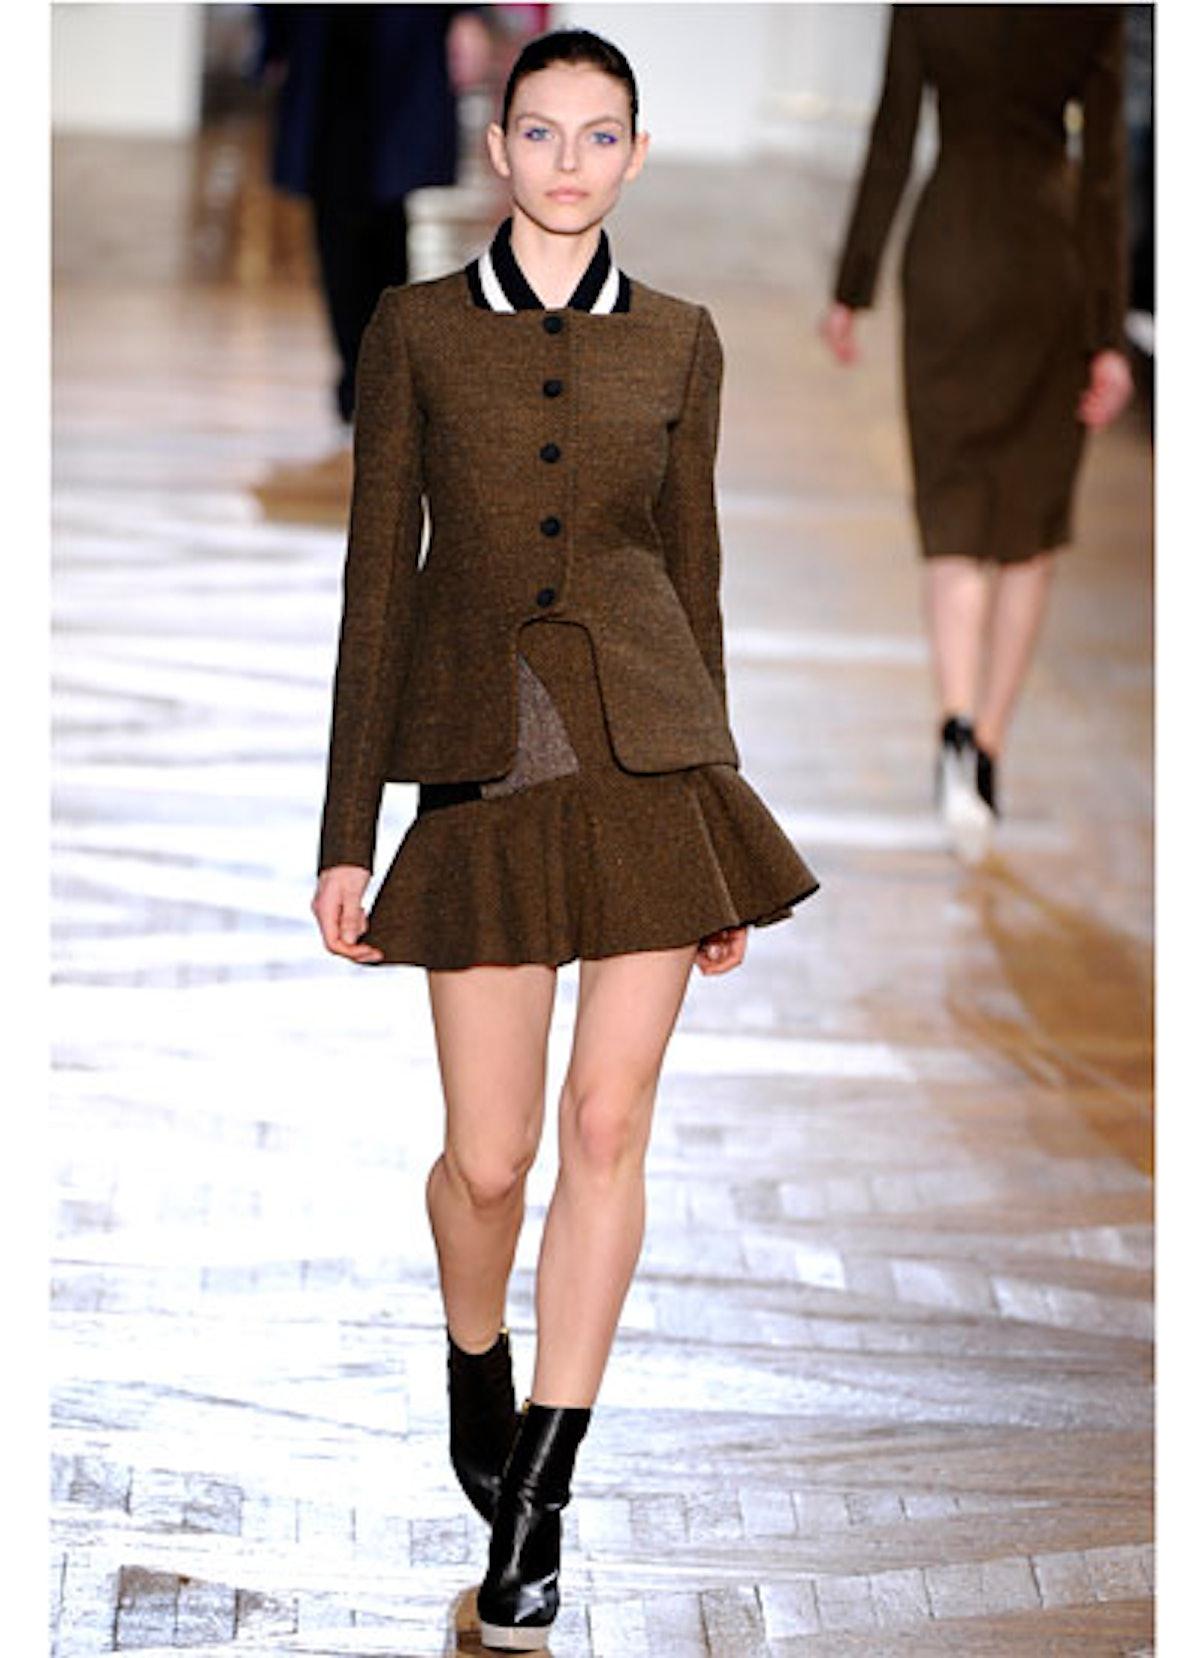 fass-fall-2012-fashion-roundup-11-v.jpg